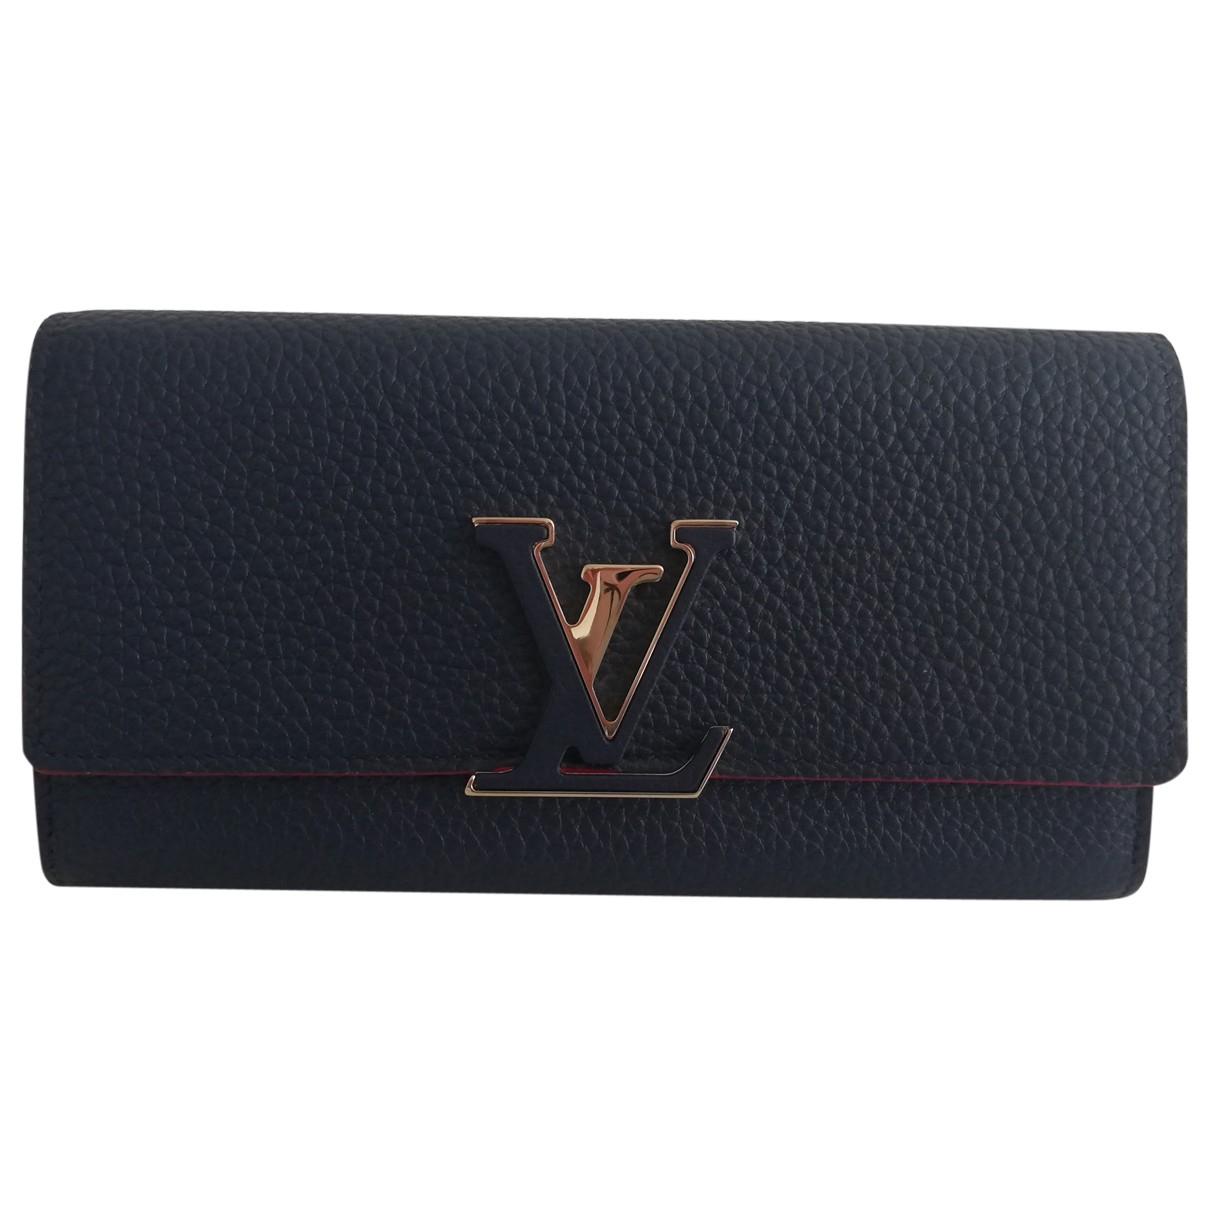 Louis Vuitton - Portefeuille Capucines pour femme en cuir - bleu